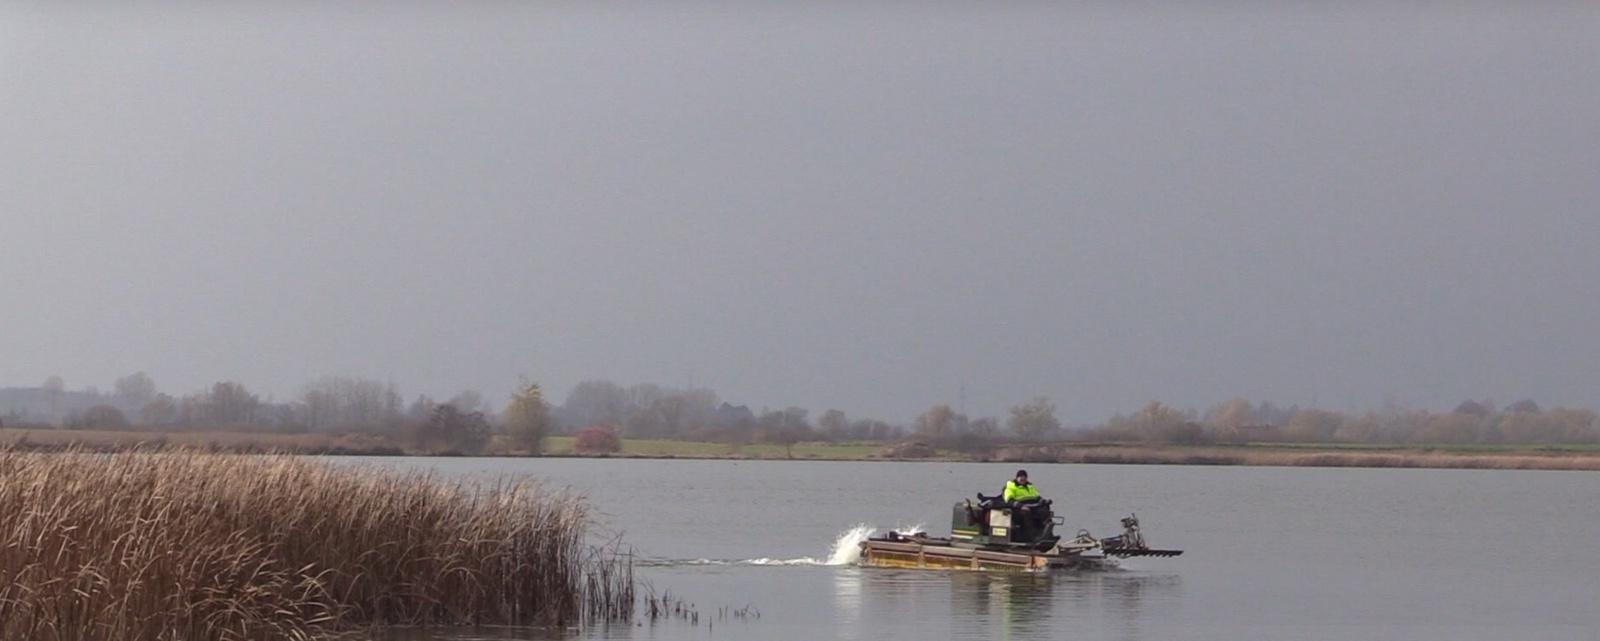 Pradėtas valyti Simno ežeras (vaizdo įrašas)